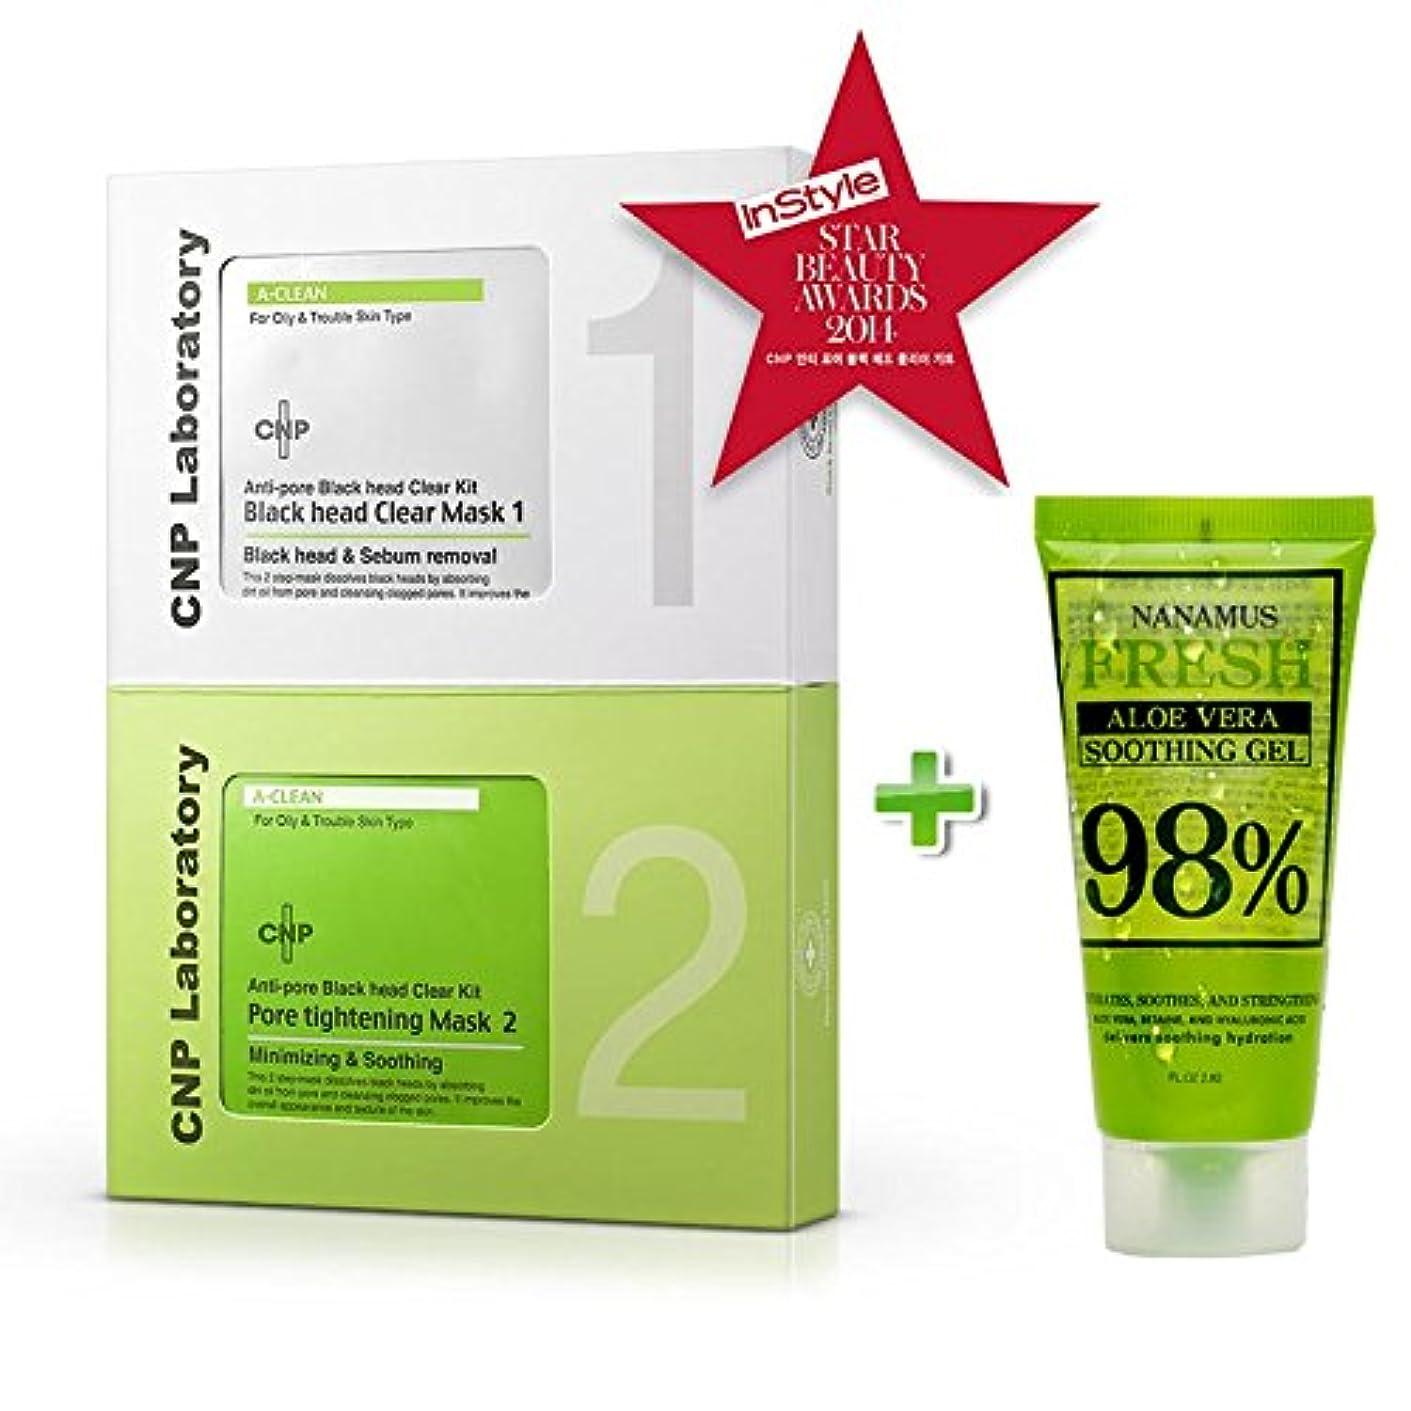 シャープ道路代わって差額泊/CNP Anti-pore Black head Clear Kit/ アンチポアブラックヘッドクリアキット (10枚)+ Gift アロエ98% ナナムース スディンジェル(海外直送品)